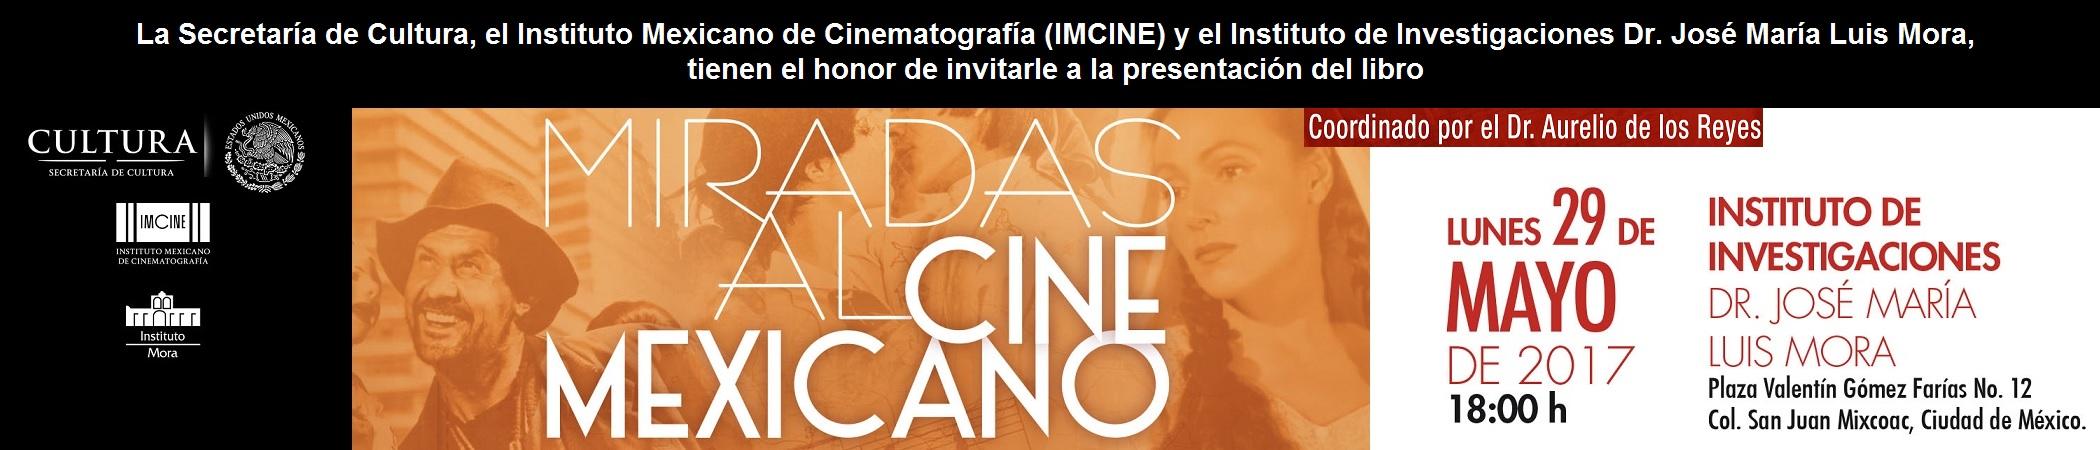 Presentación del libro Miradas al cine mexicano